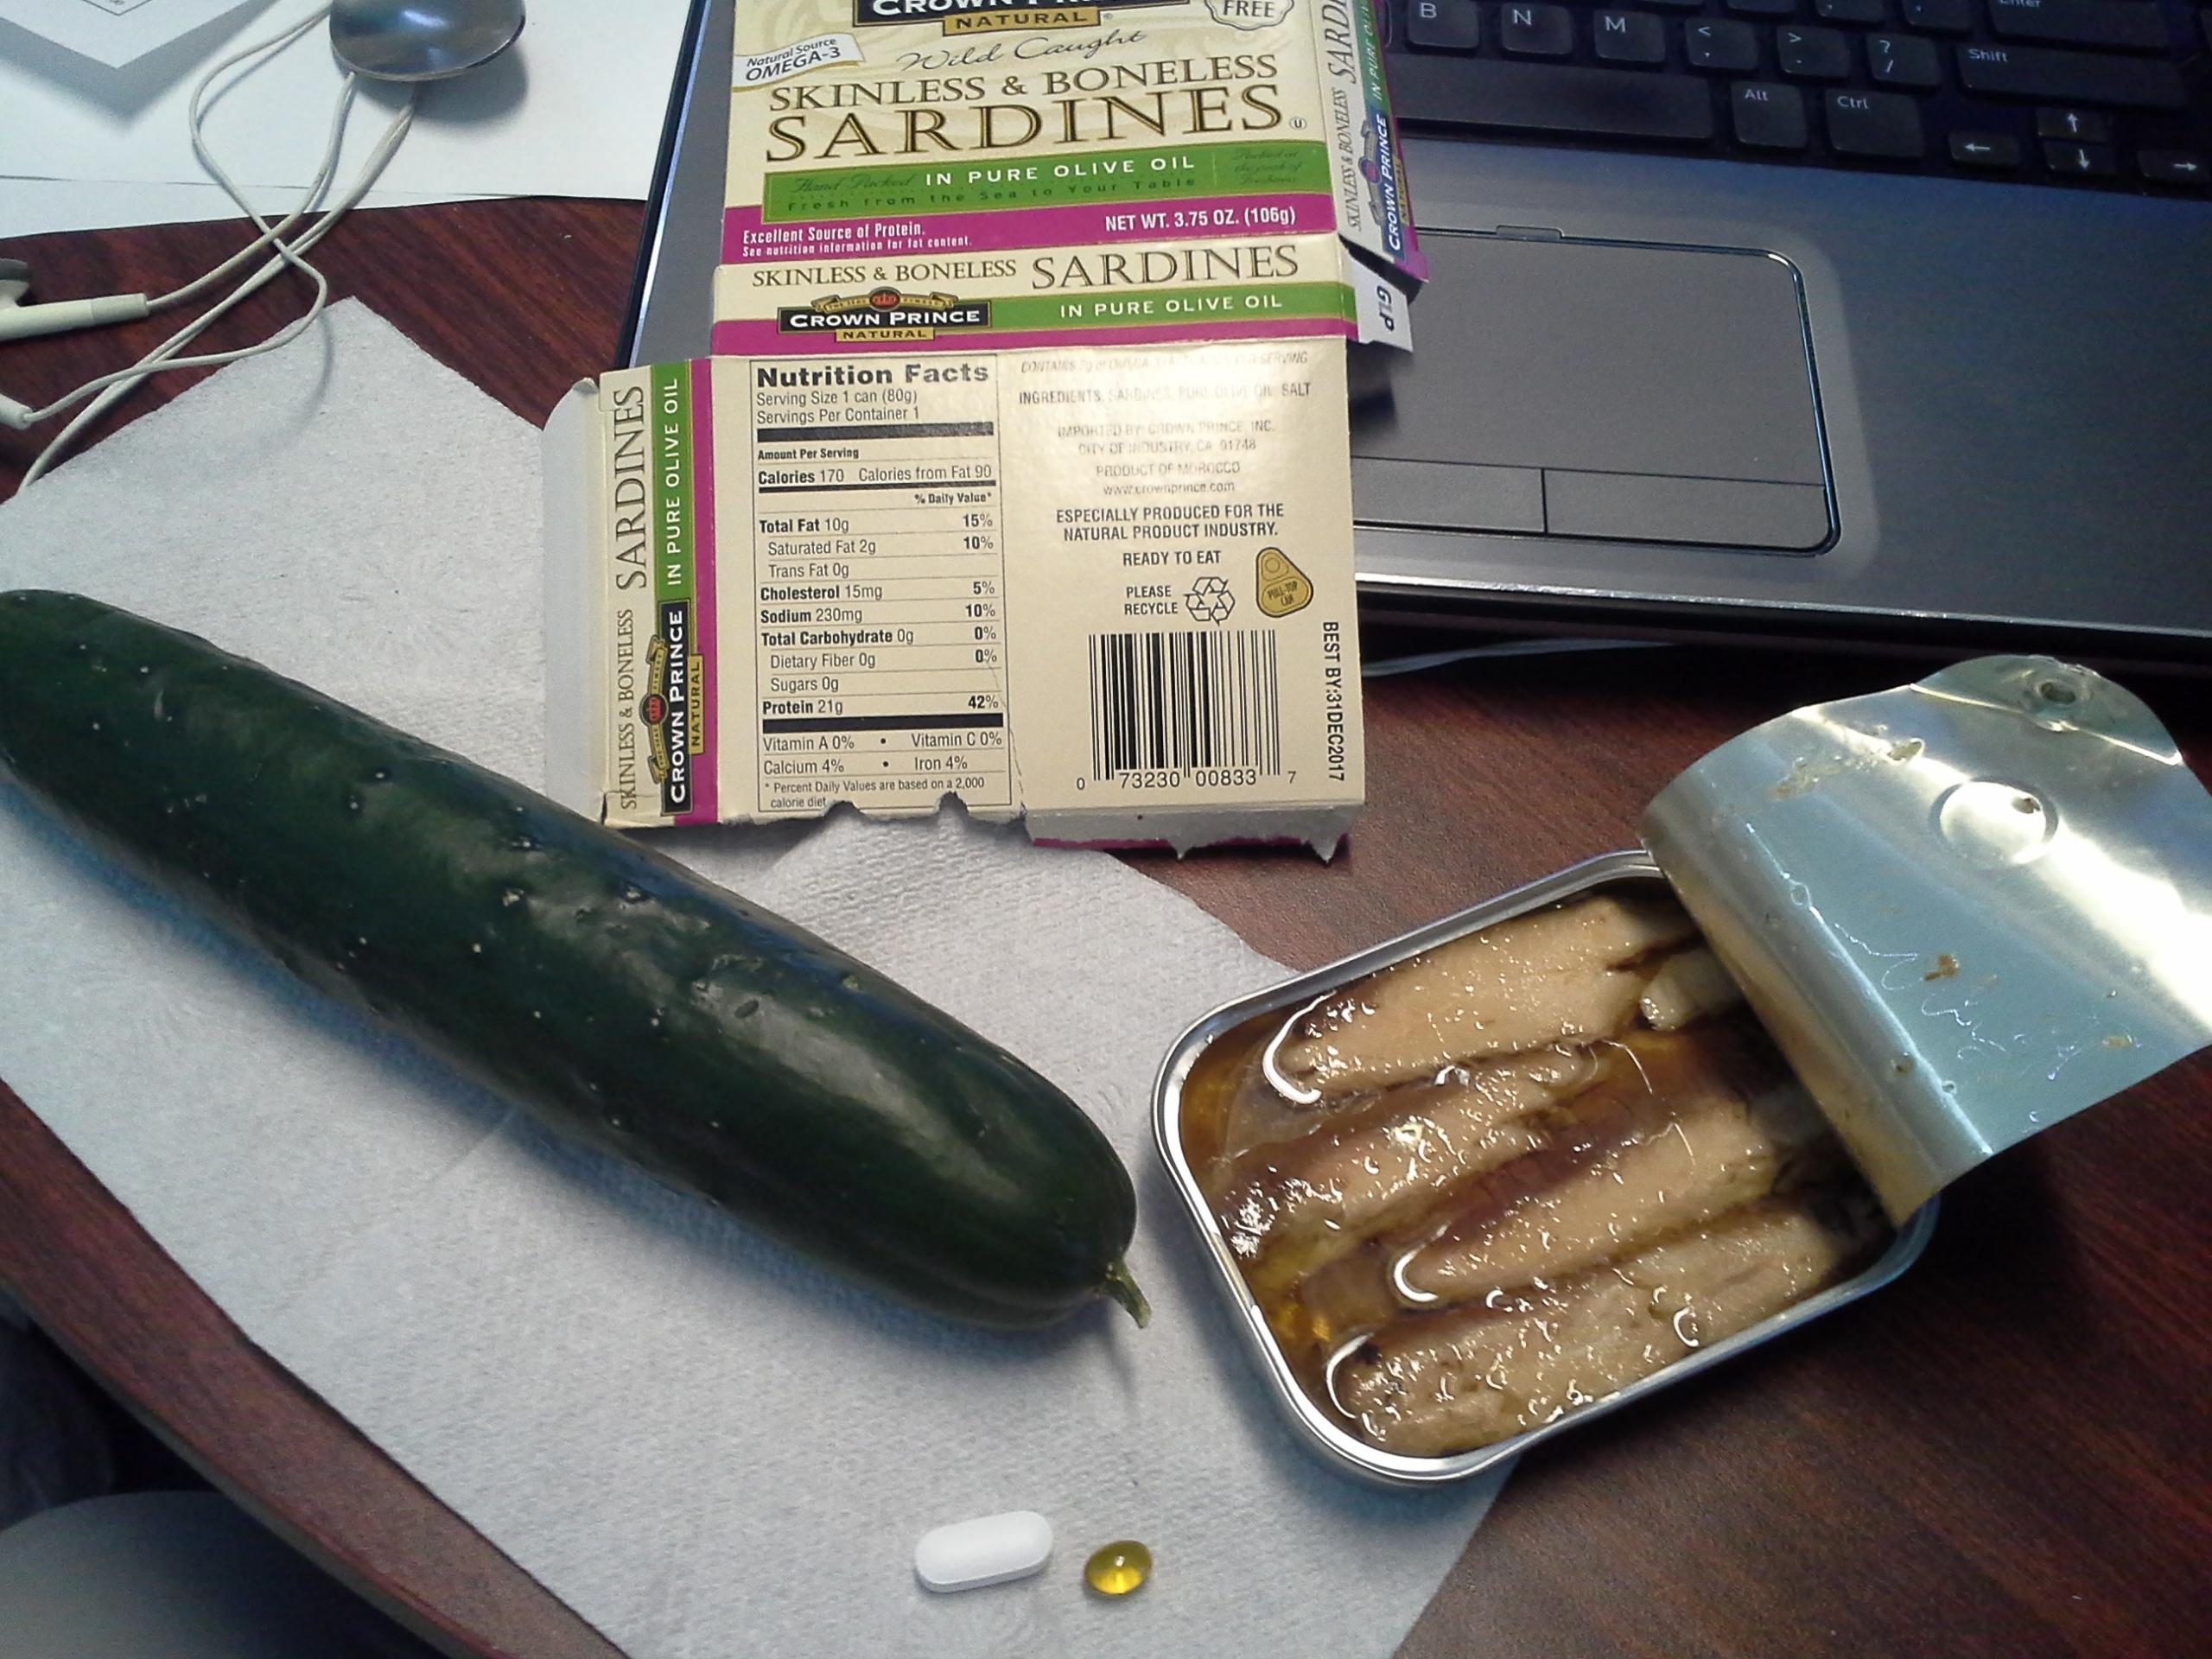 Lunch: 2:40 p.m. | 3.75 oz. sardines in olive oil, 1 cucumber, 5,000 IU Vitamin D capsule, Calcium/Magnesium/Zinc caplet